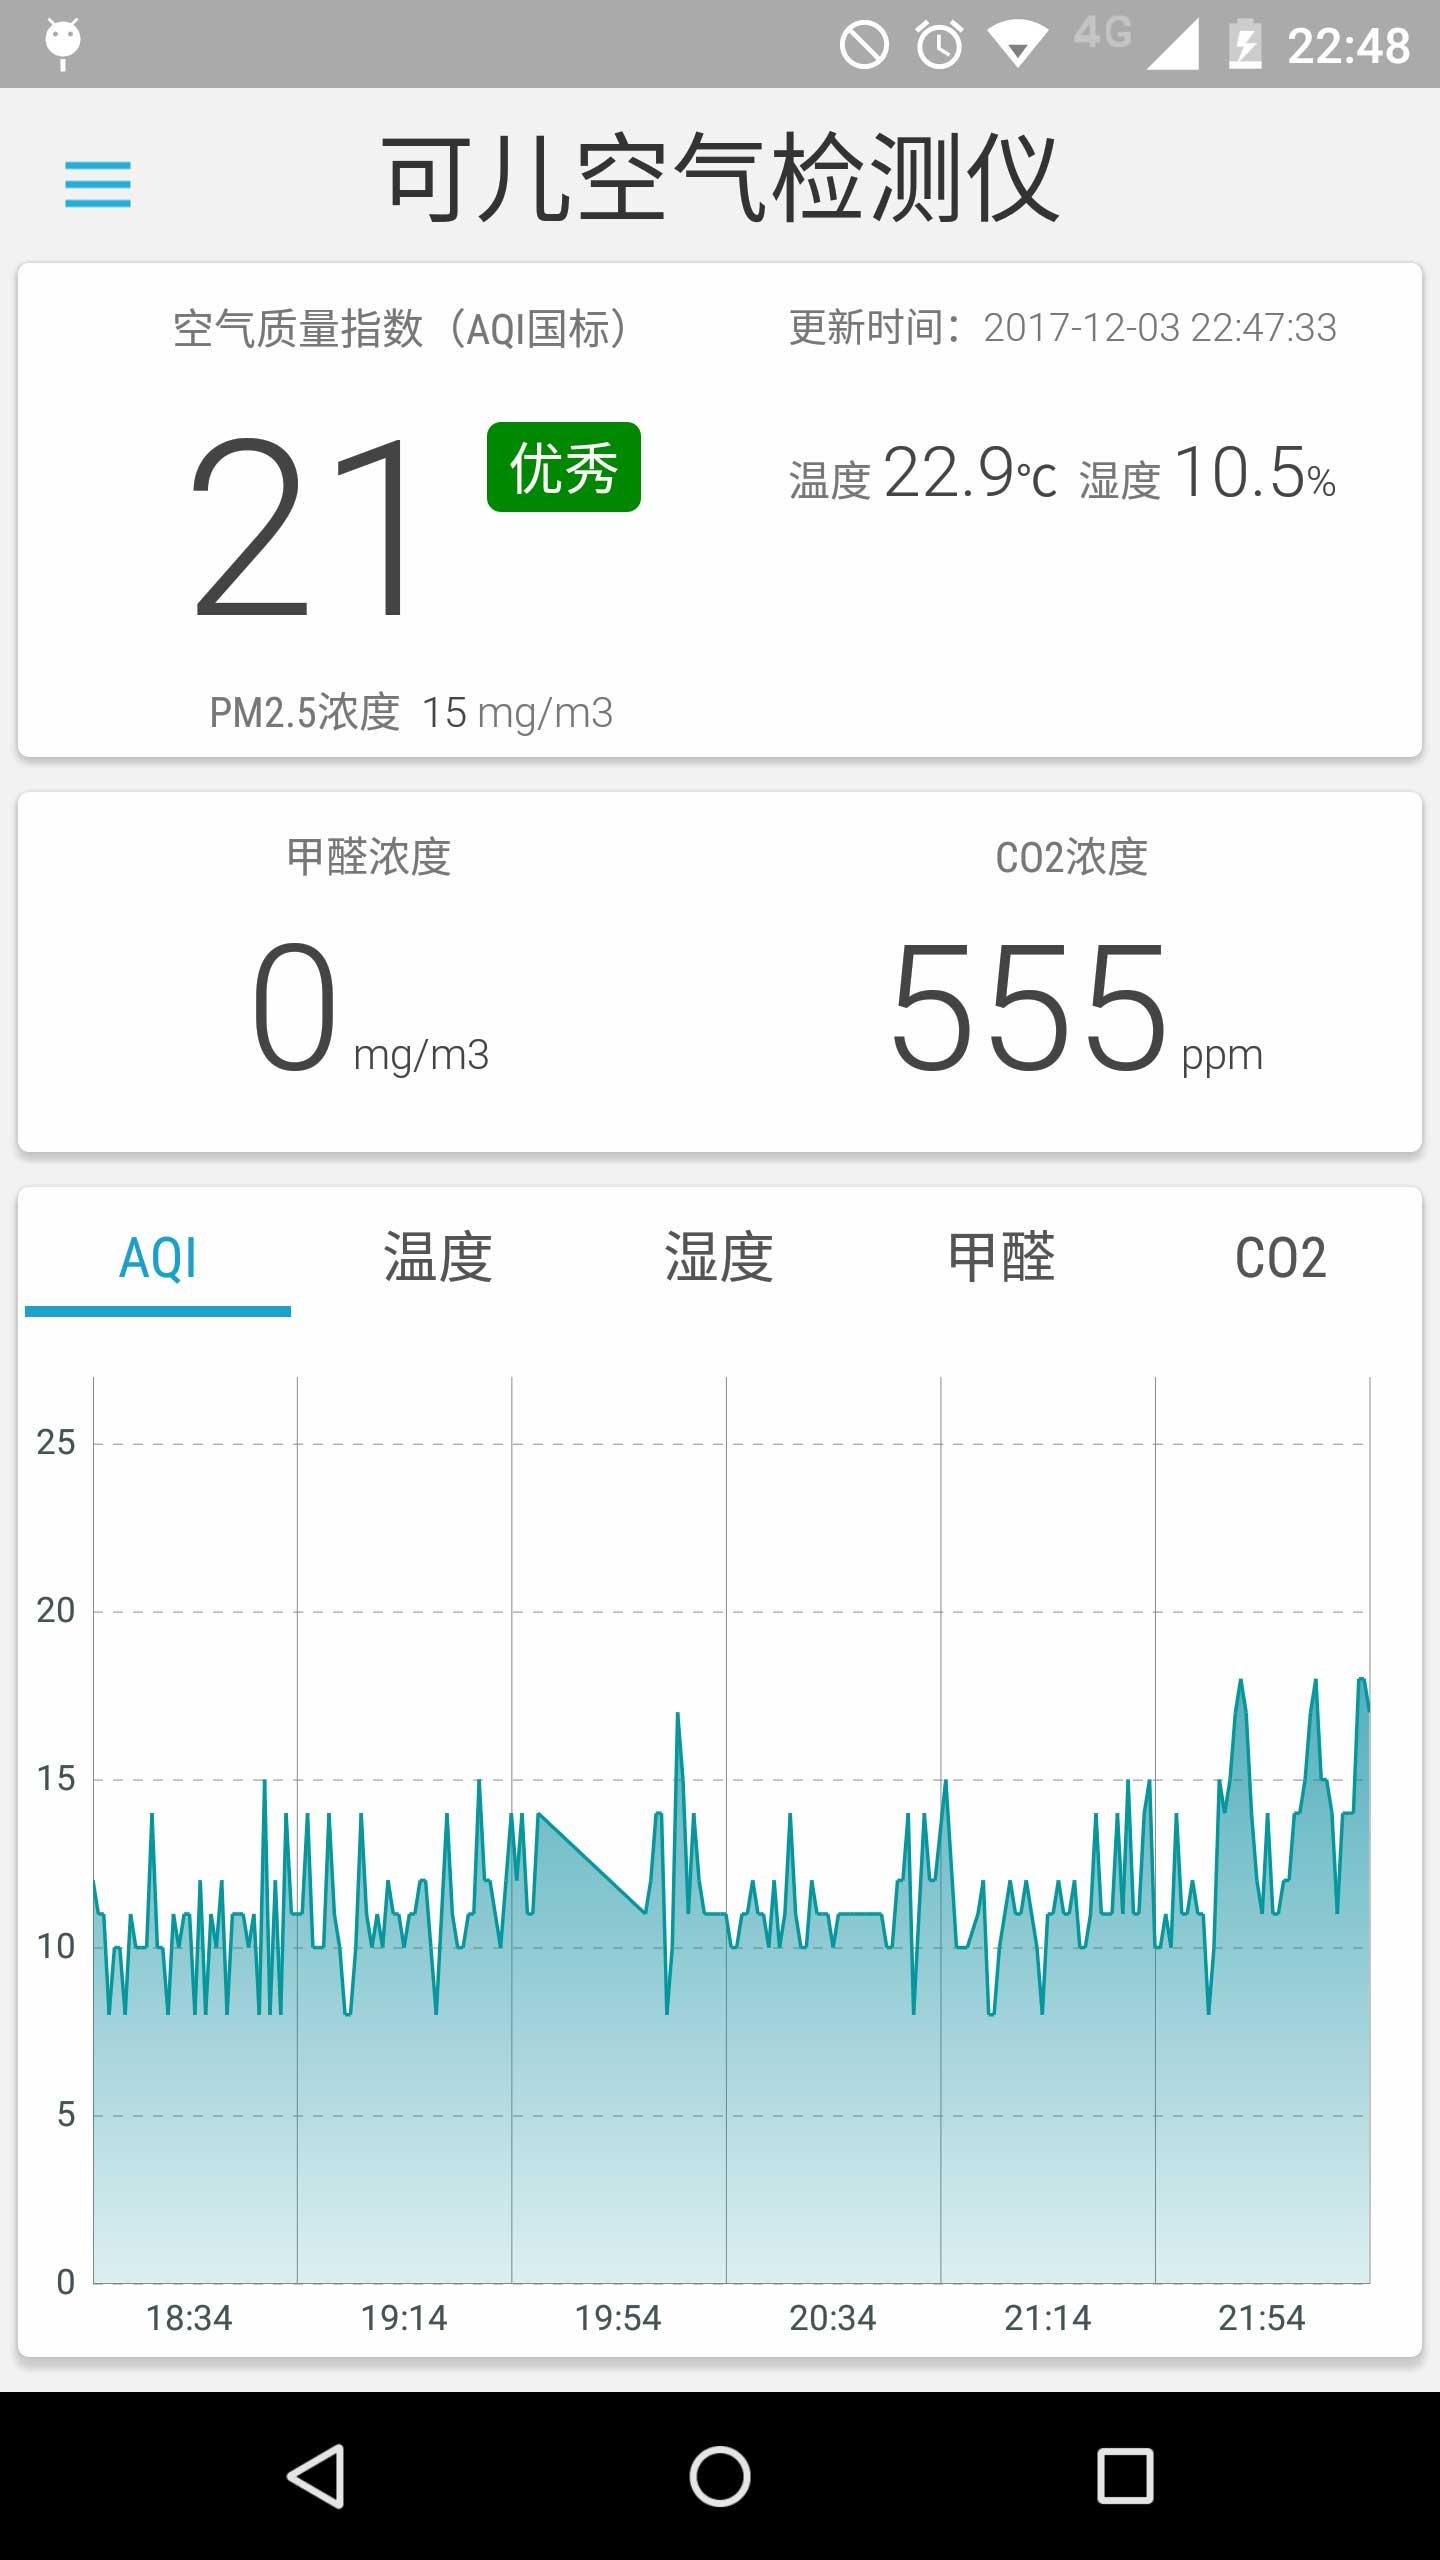 【资源分享】可儿空气检测仪-爱小助